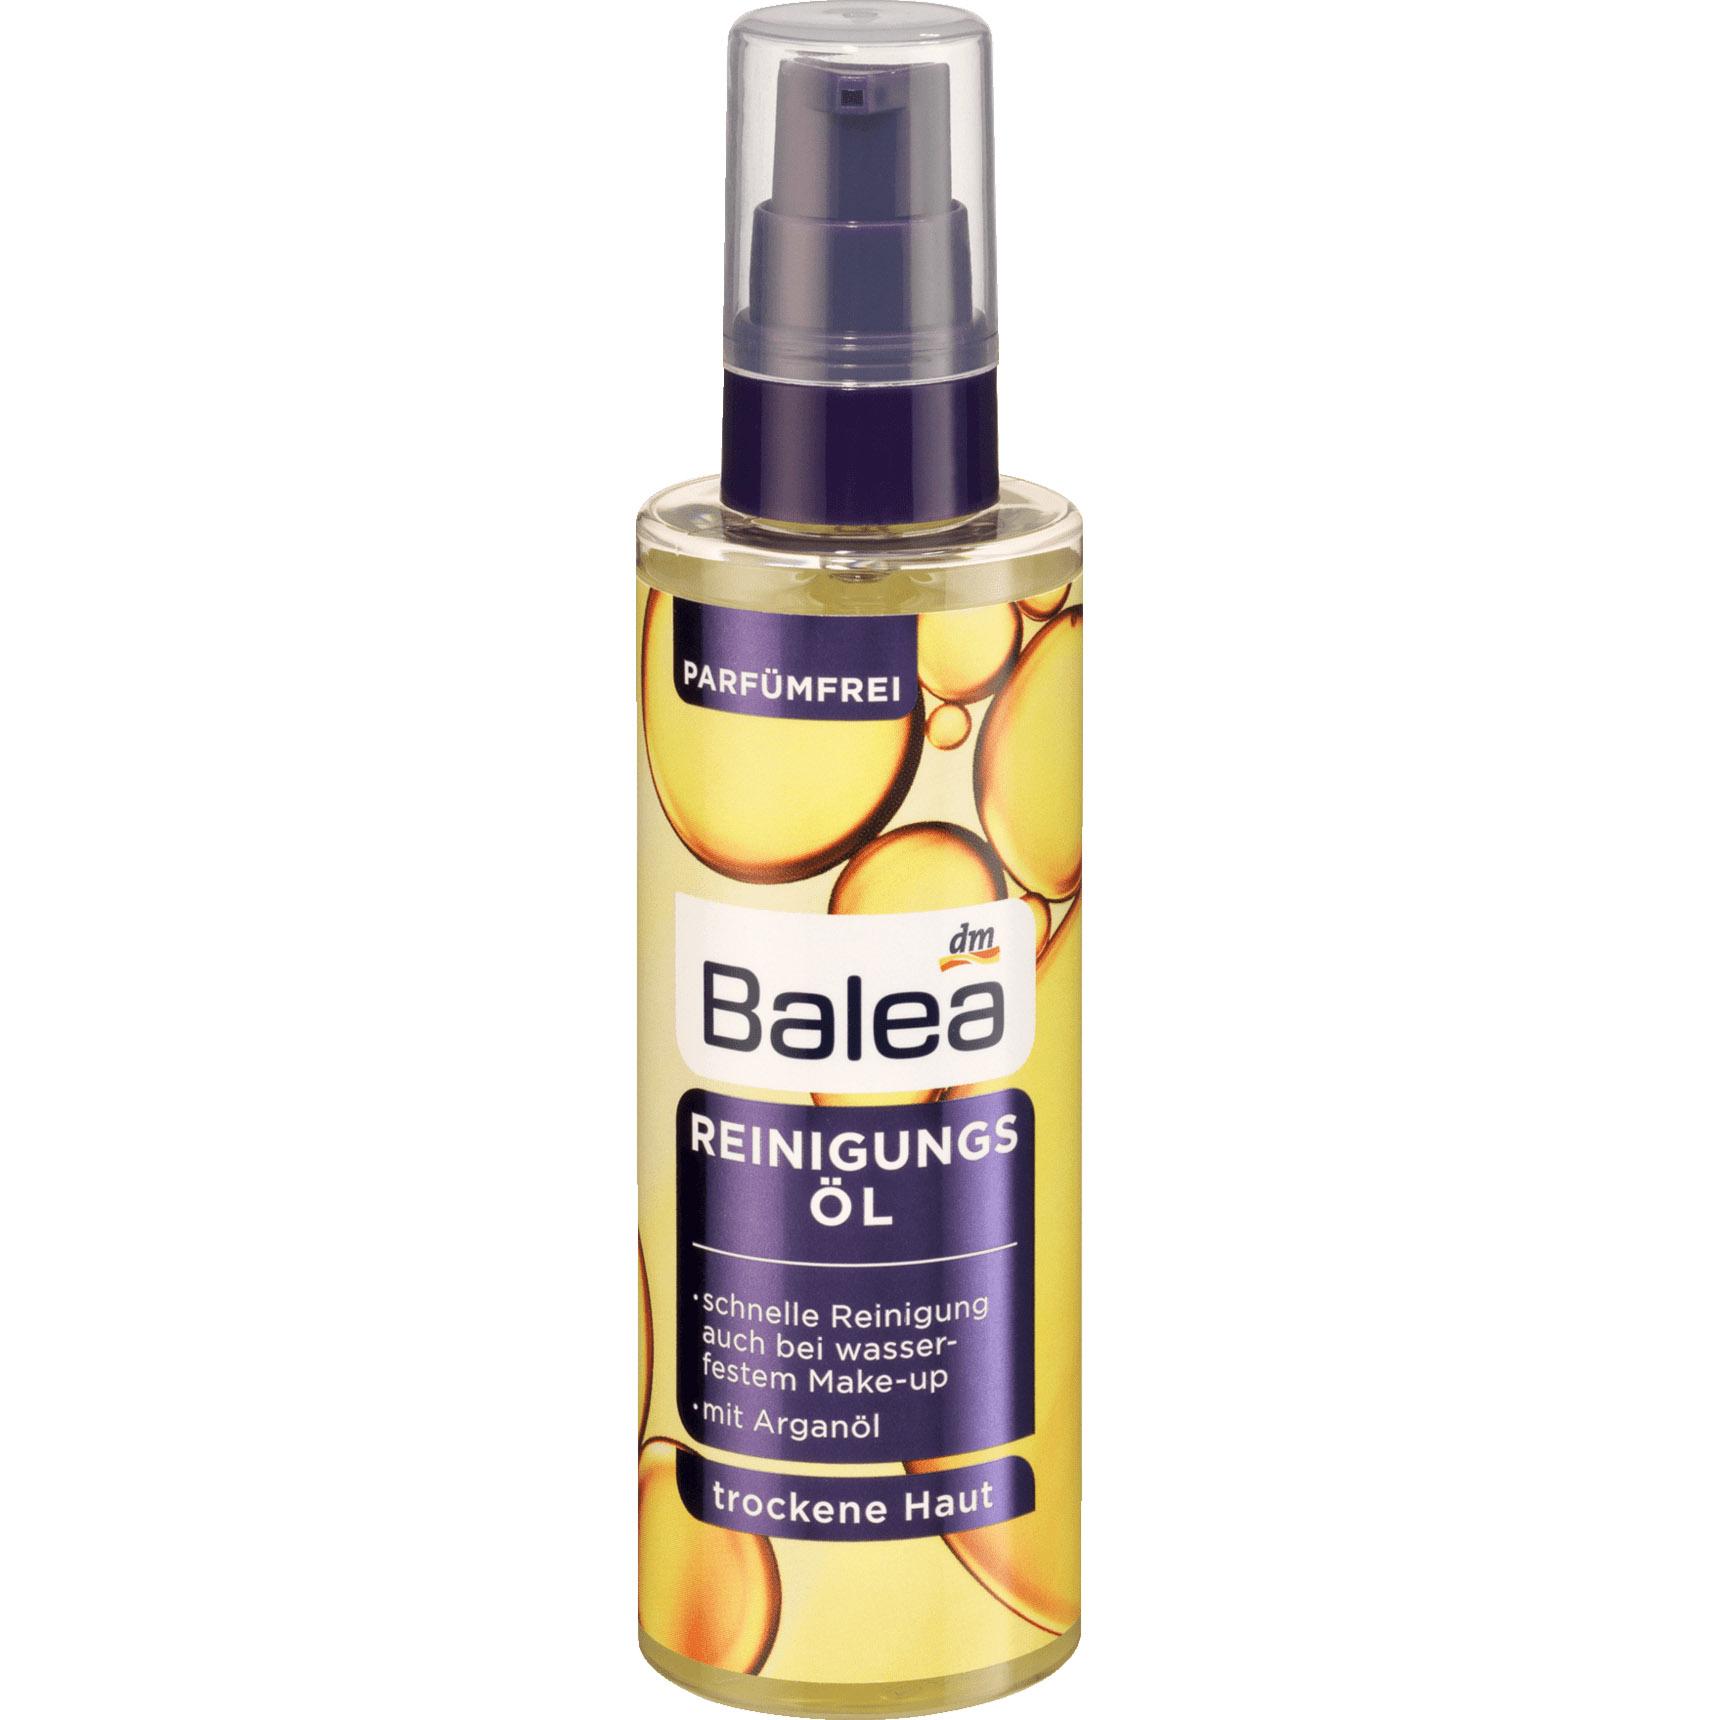 Balea 德國芭樂雅摩洛哥堅果卸妝油(100毫升) *